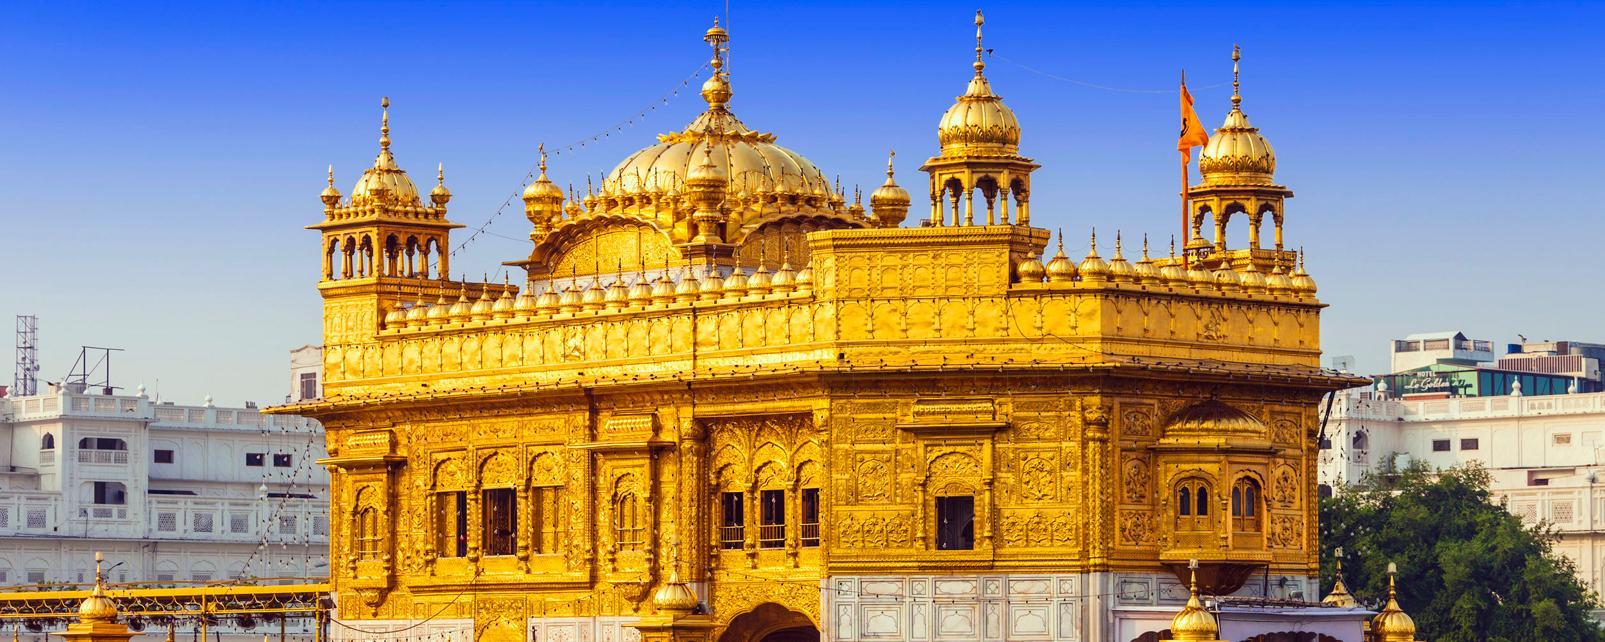 Haryana India  city pictures gallery : Informazioni pratiche Punjab e Haryana , India Easyviaggio